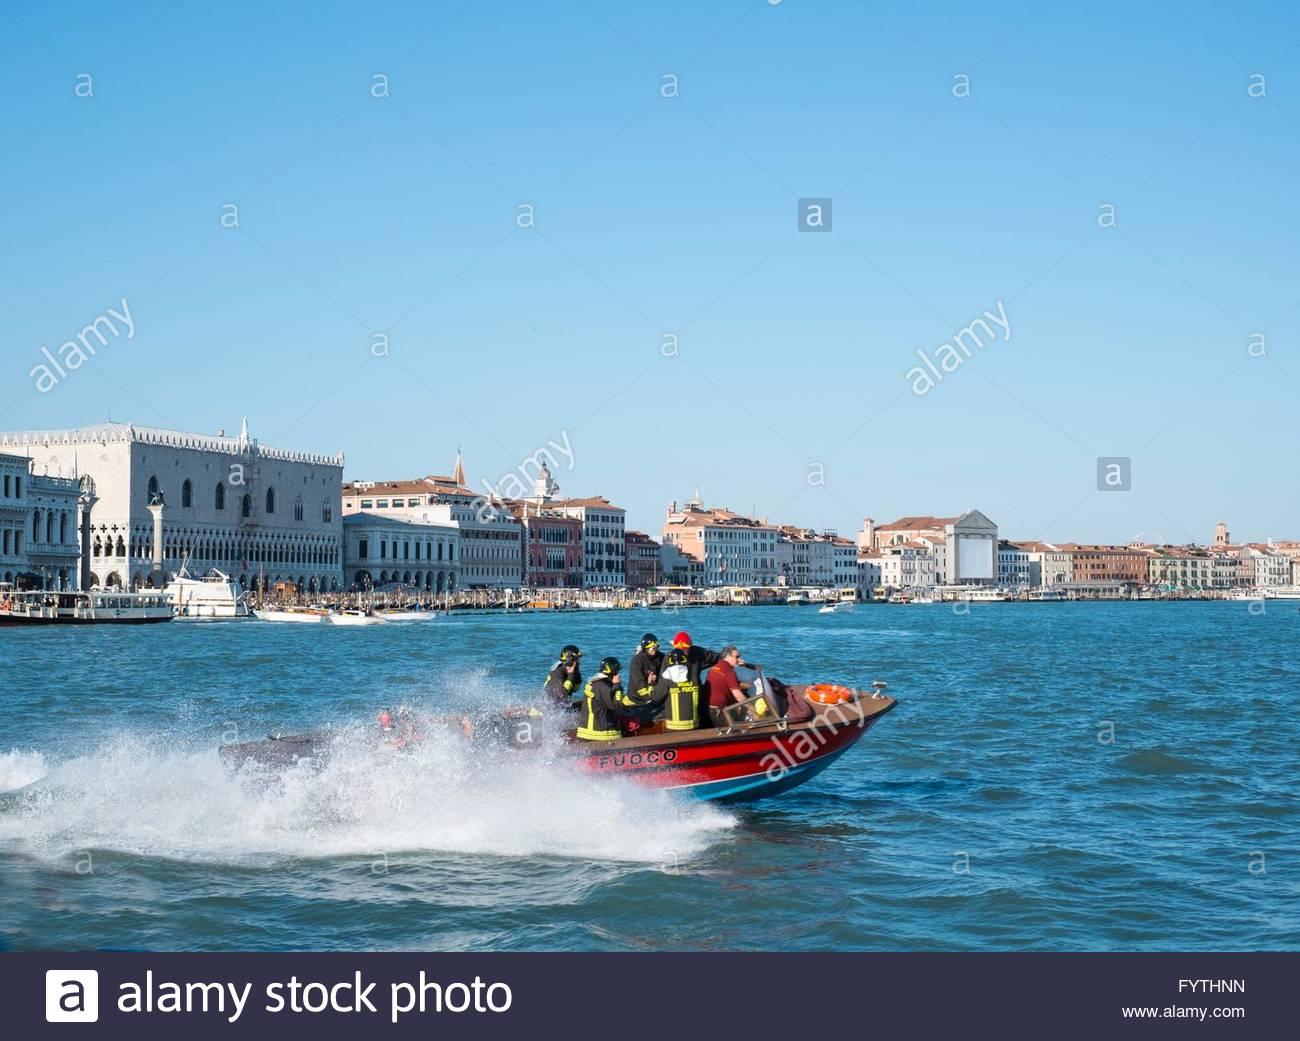 Bateau feu répondre à un appel, Venise, Italie, avril. Photo Stock